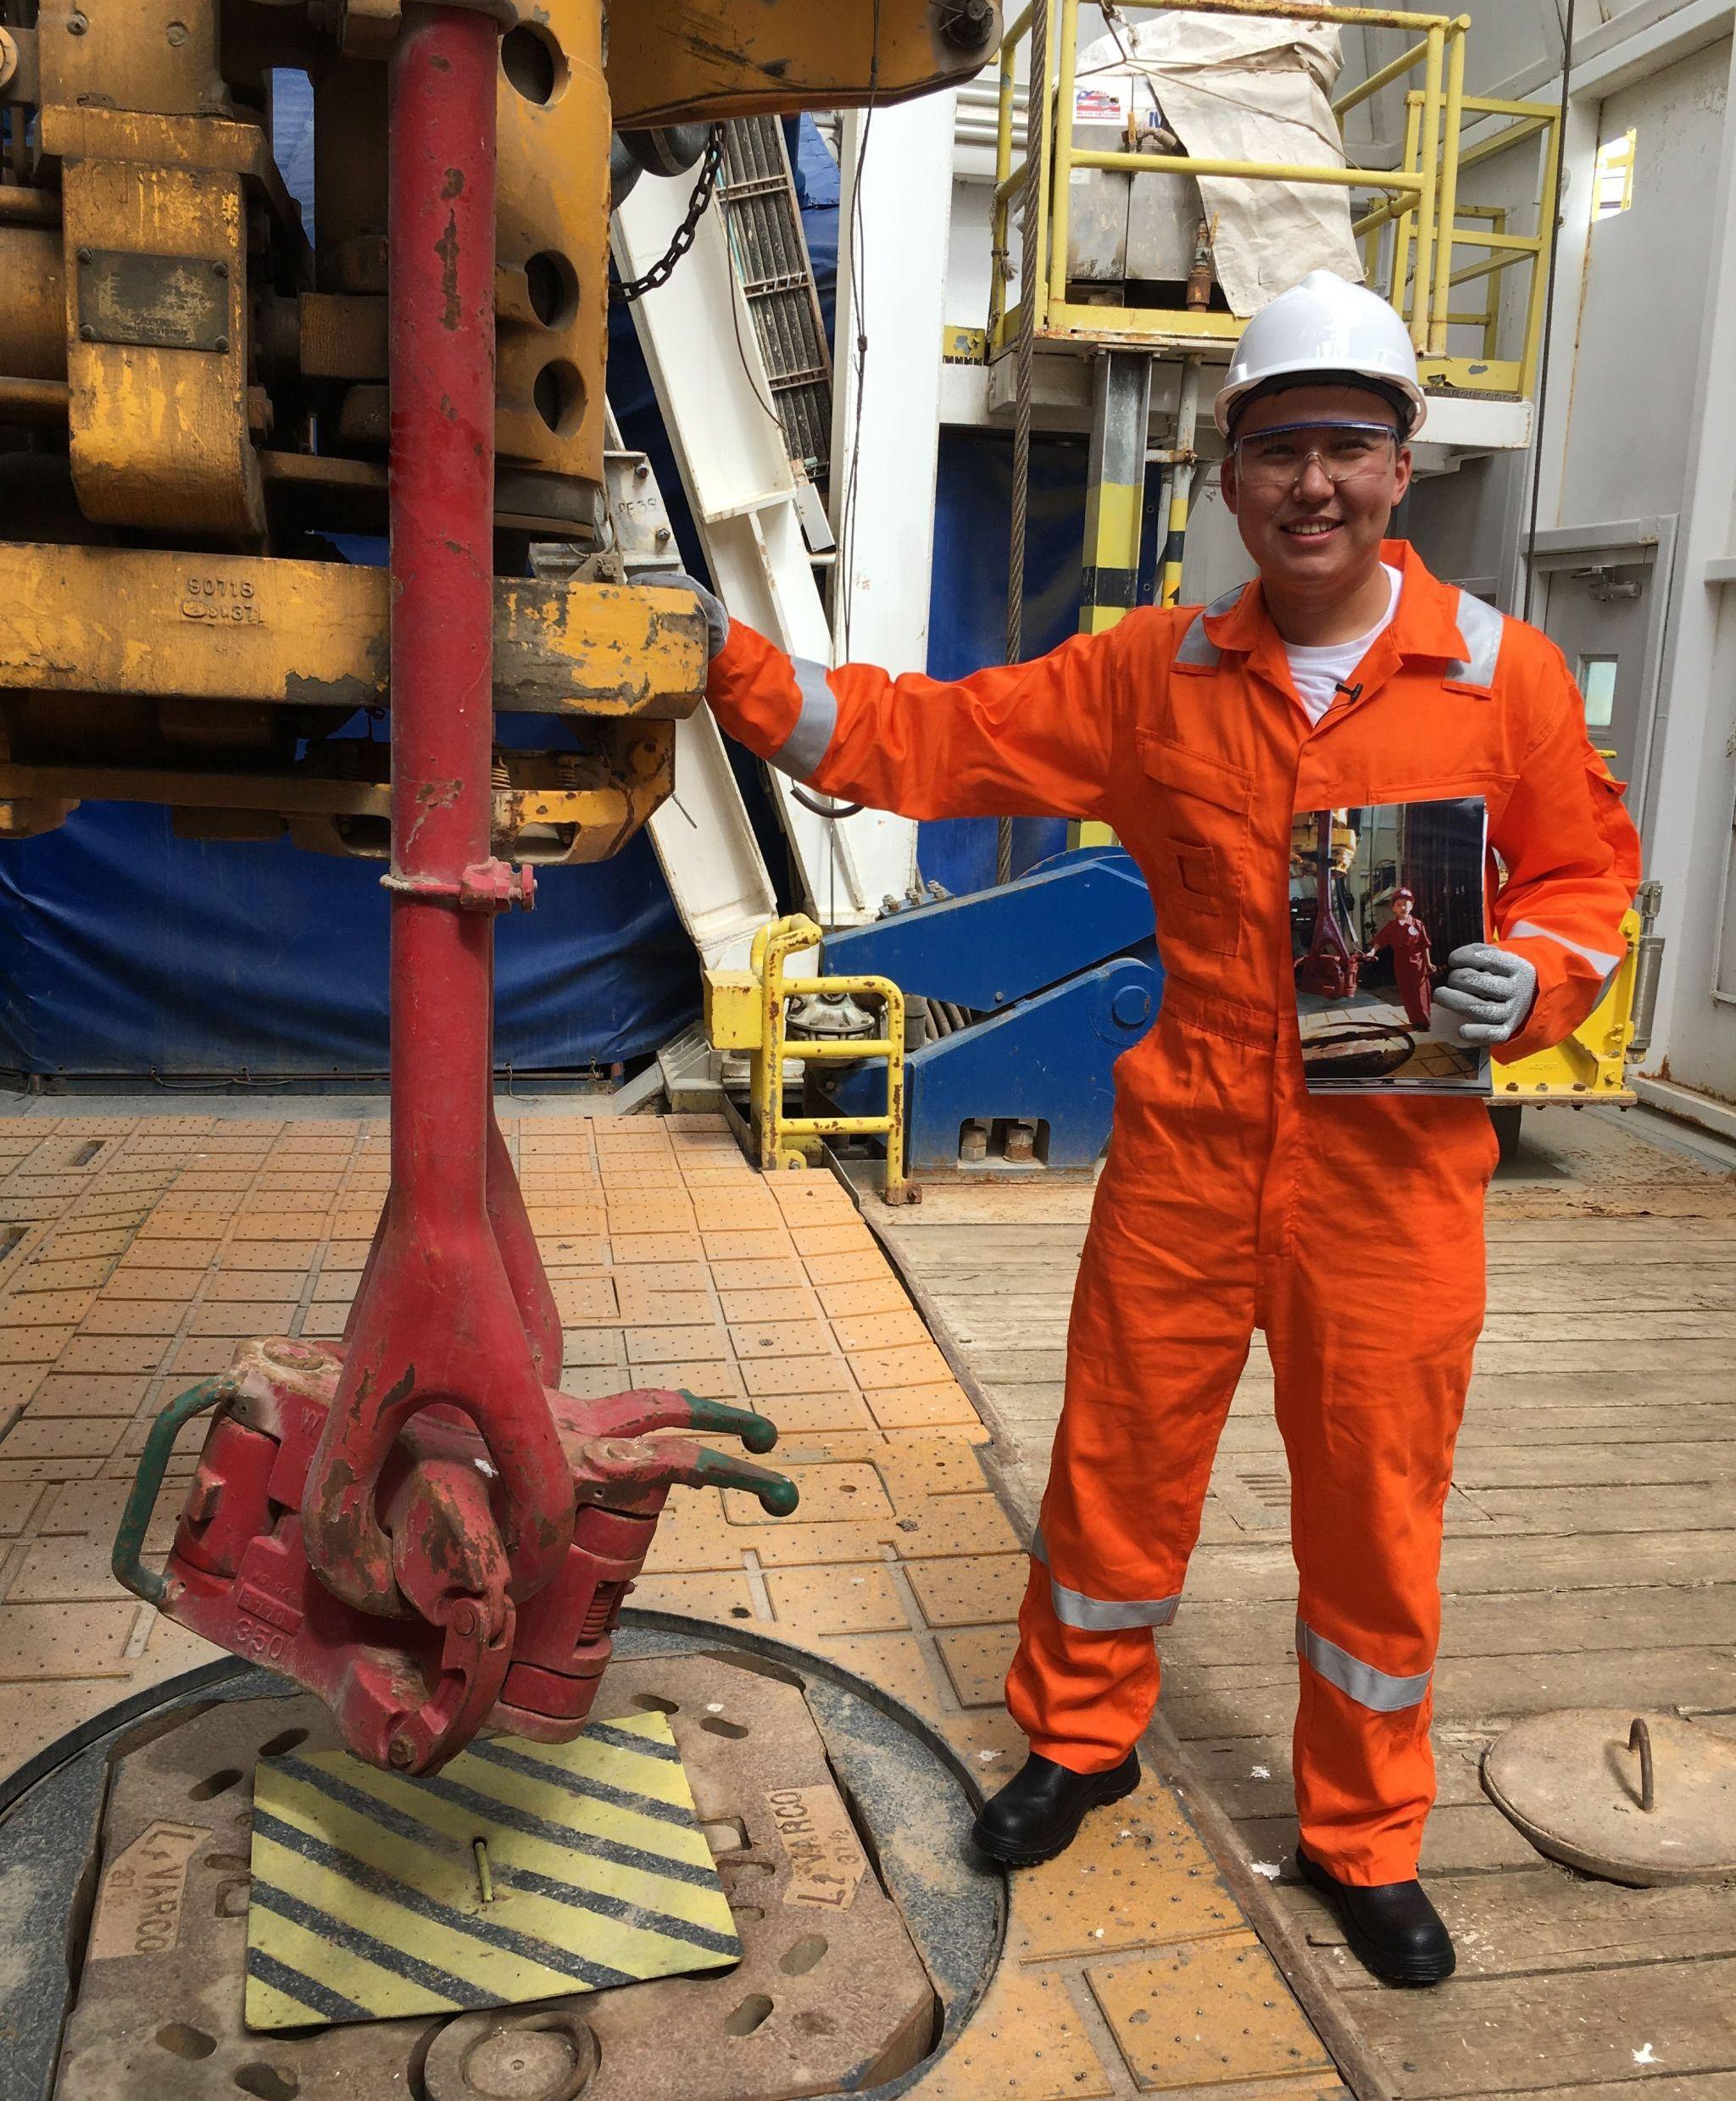 Берик Уап работает в компании НКОК, кроме того  возглавляет Атыраускую секцию международного некоммерческого общества инженеров-нефтяников SPE